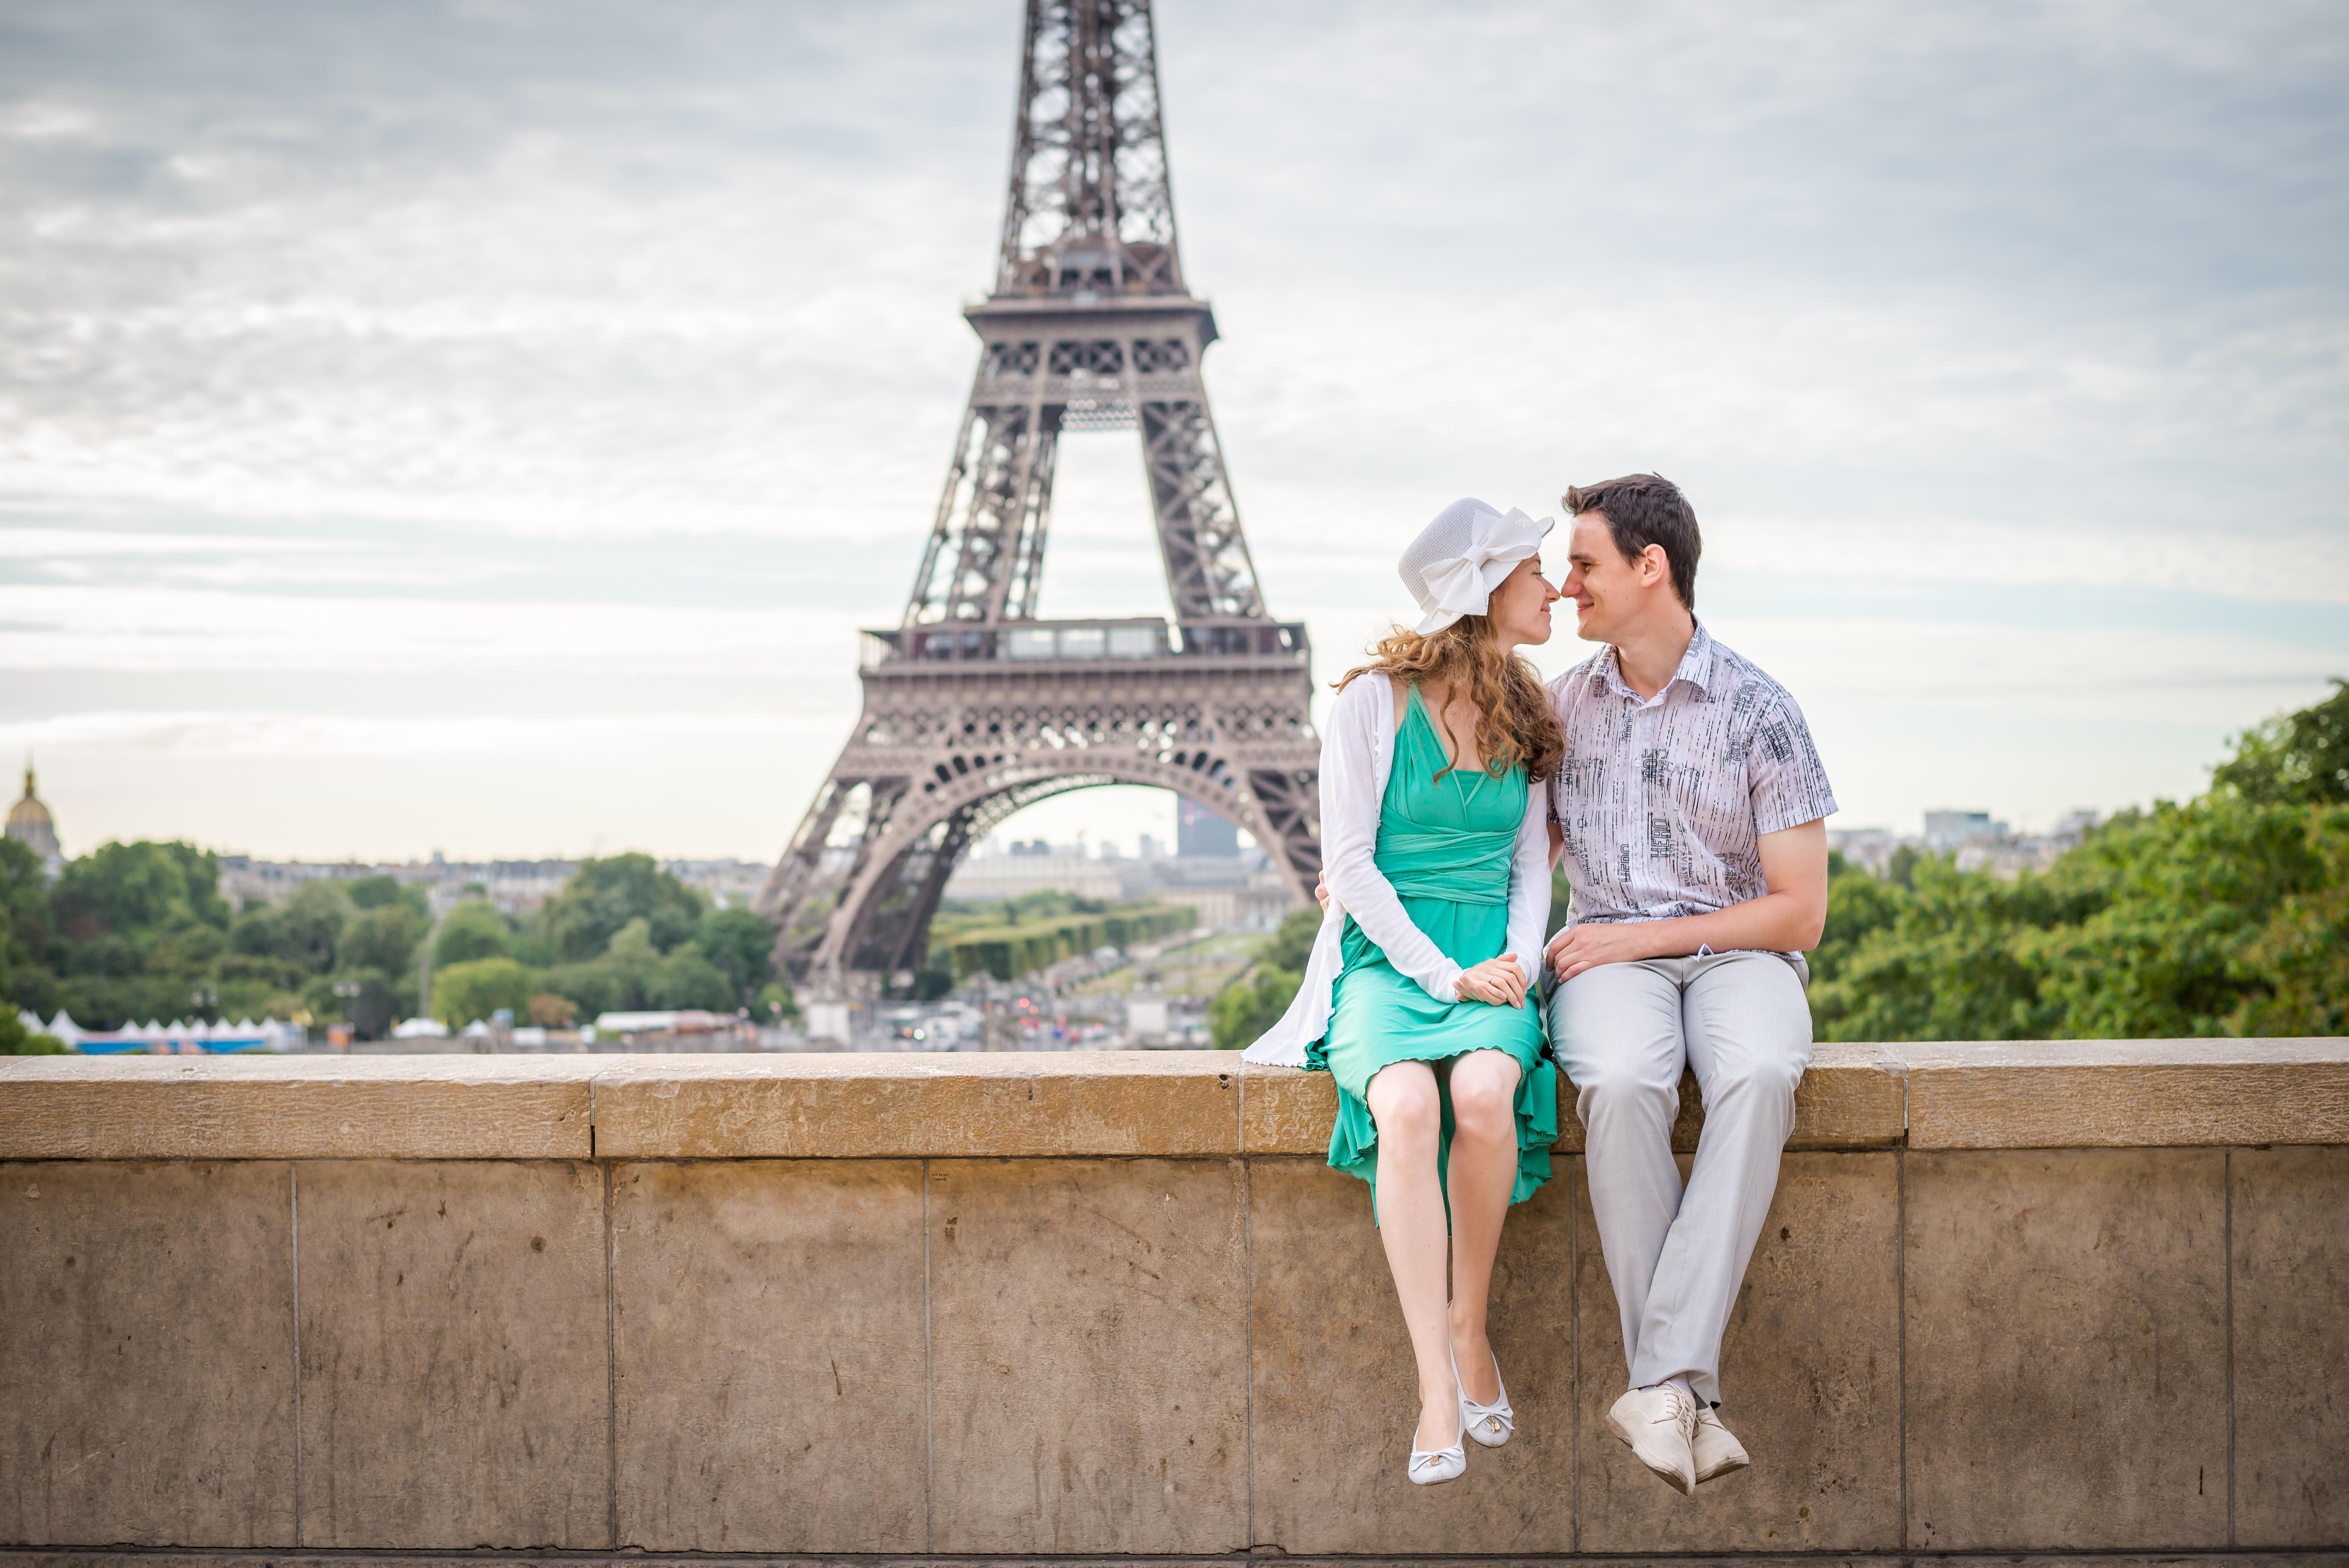 Париж знакомства любовь секс знакомства на сайте